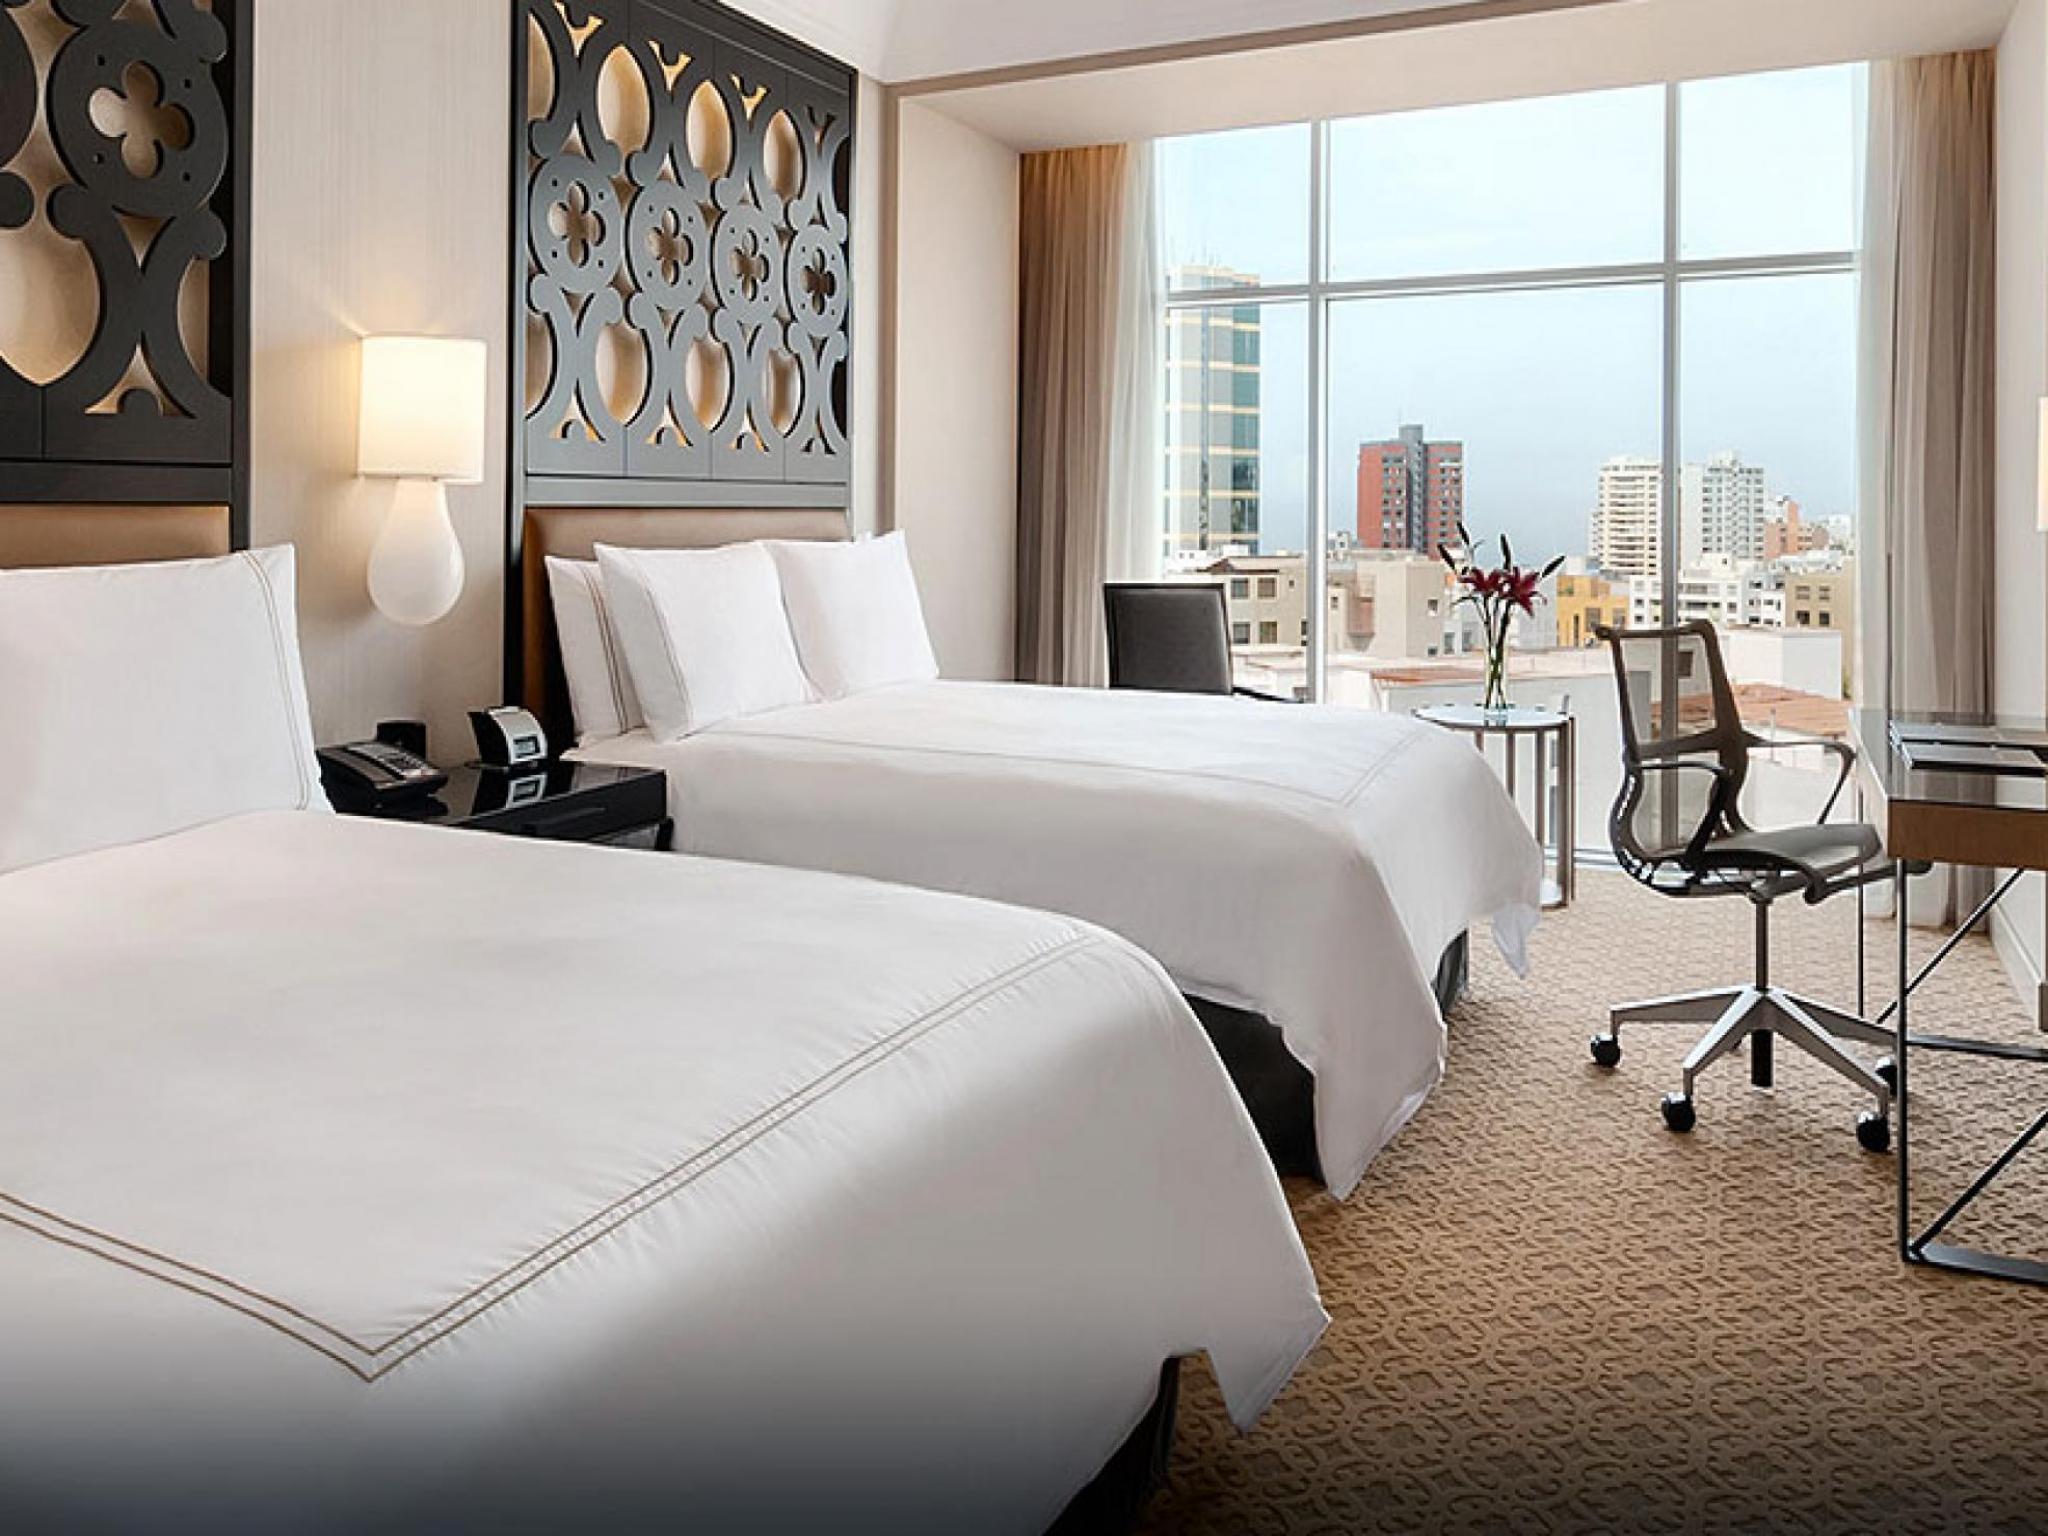 Hotel en lima per hilton lima miraflores hilton lac for Hoteles con habitaciones en el agua